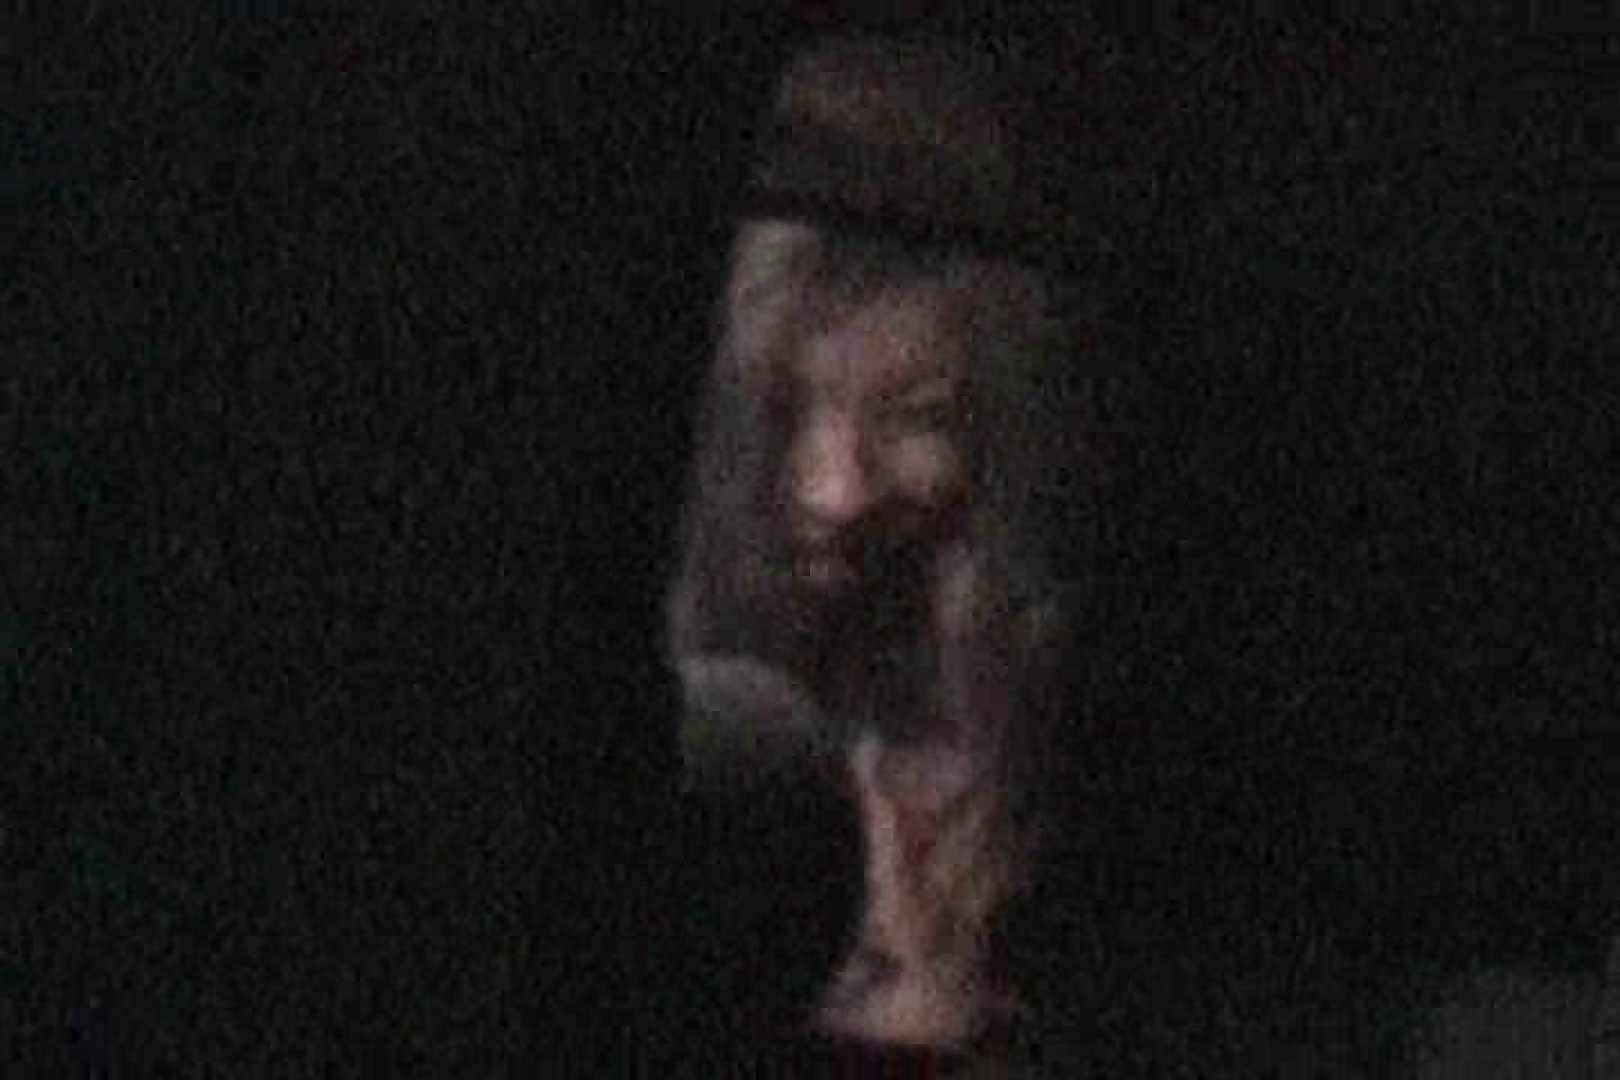 充血監督の深夜の運動会Vol.8 おっぱい エロ画像 50連発 2